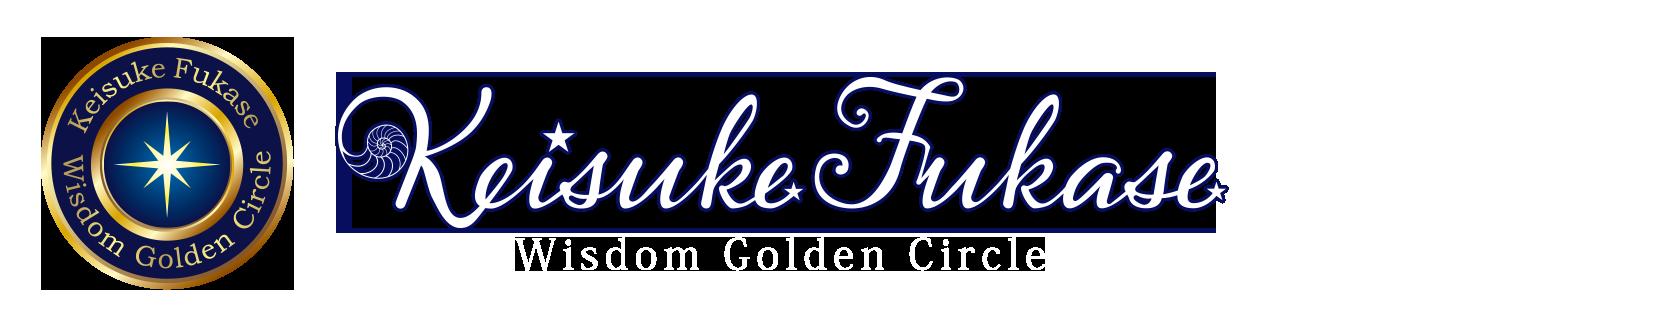 セイクレッド アウェイクニング サークル Sacred Awakening Circle・スピリチュアル ドリーミング Spiritual Dreaming